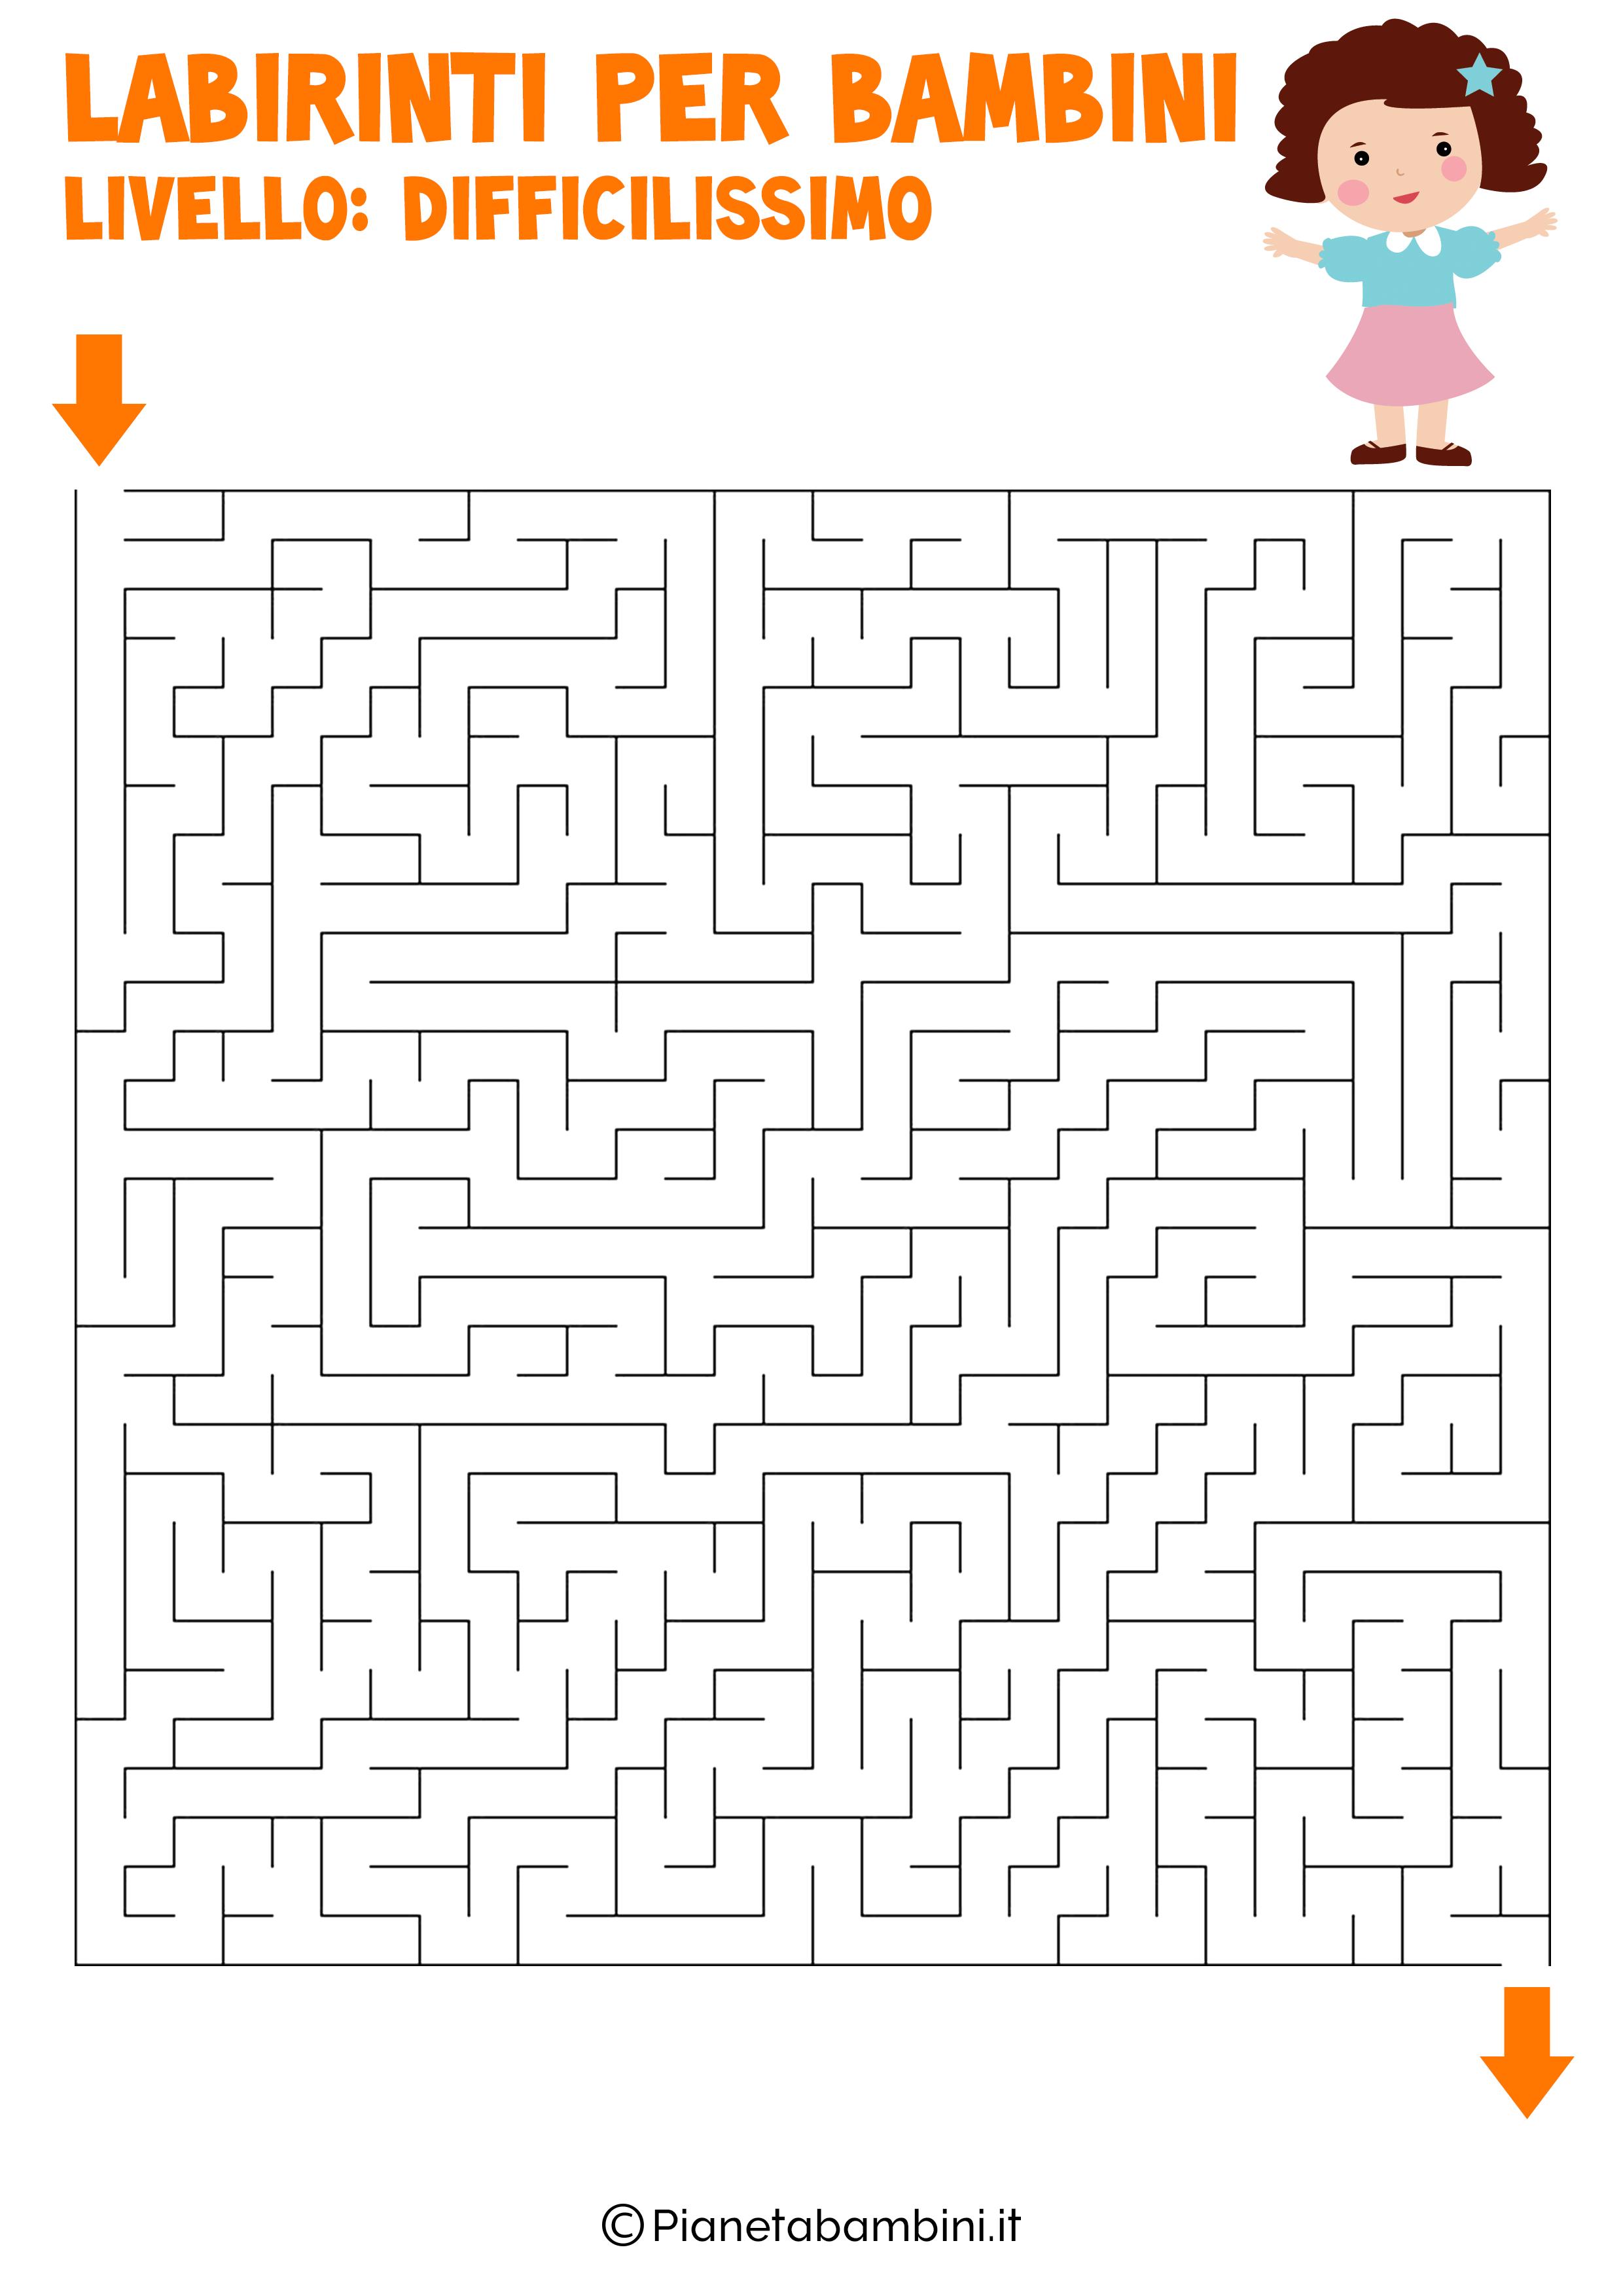 Labirinti-Difficilissimi-Bambini-10